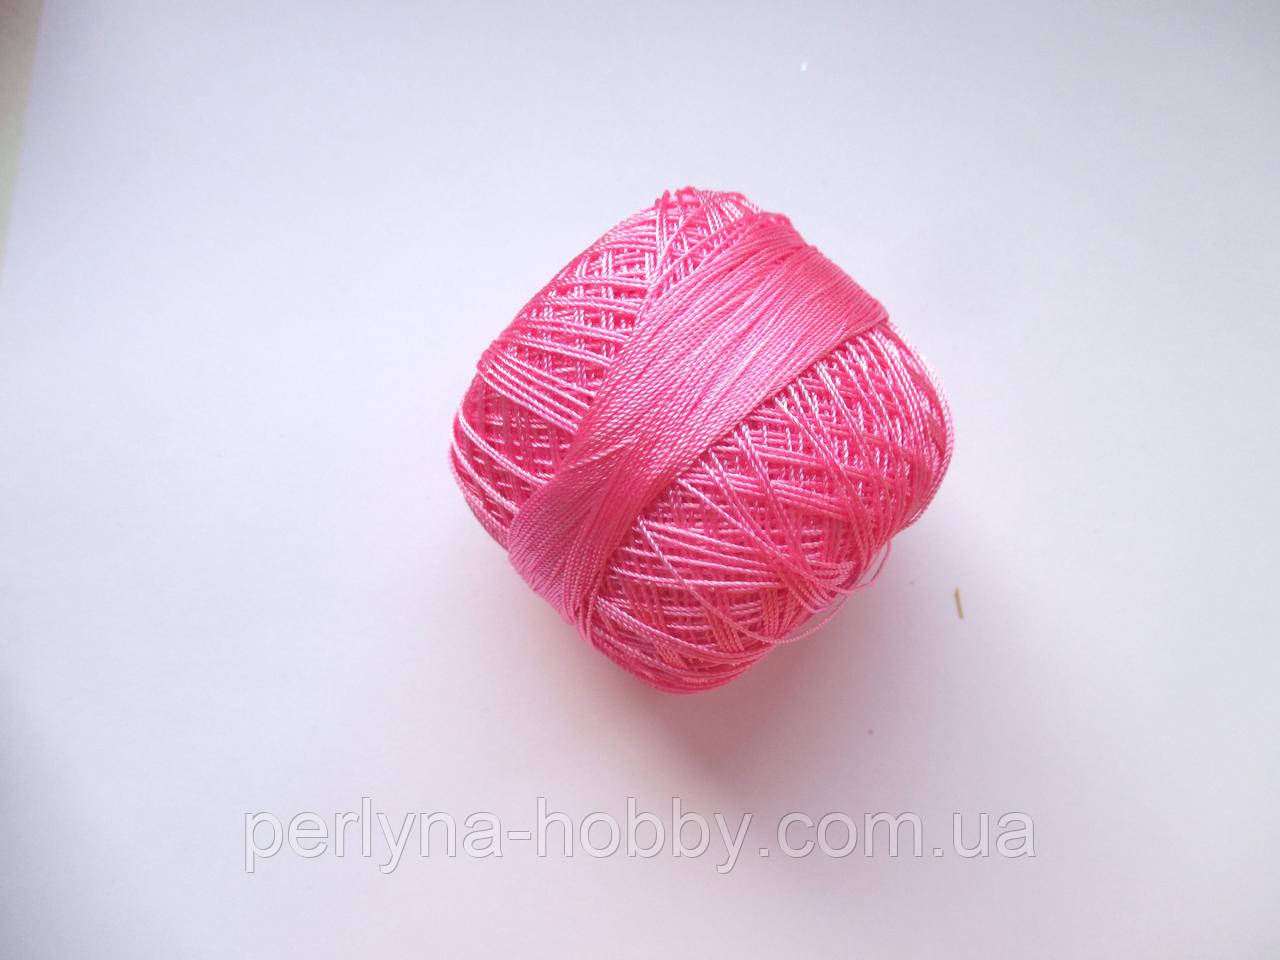 Нитки поліестер (штучний шовк) типу Ірис ( Iris )  20 грам, рожевий